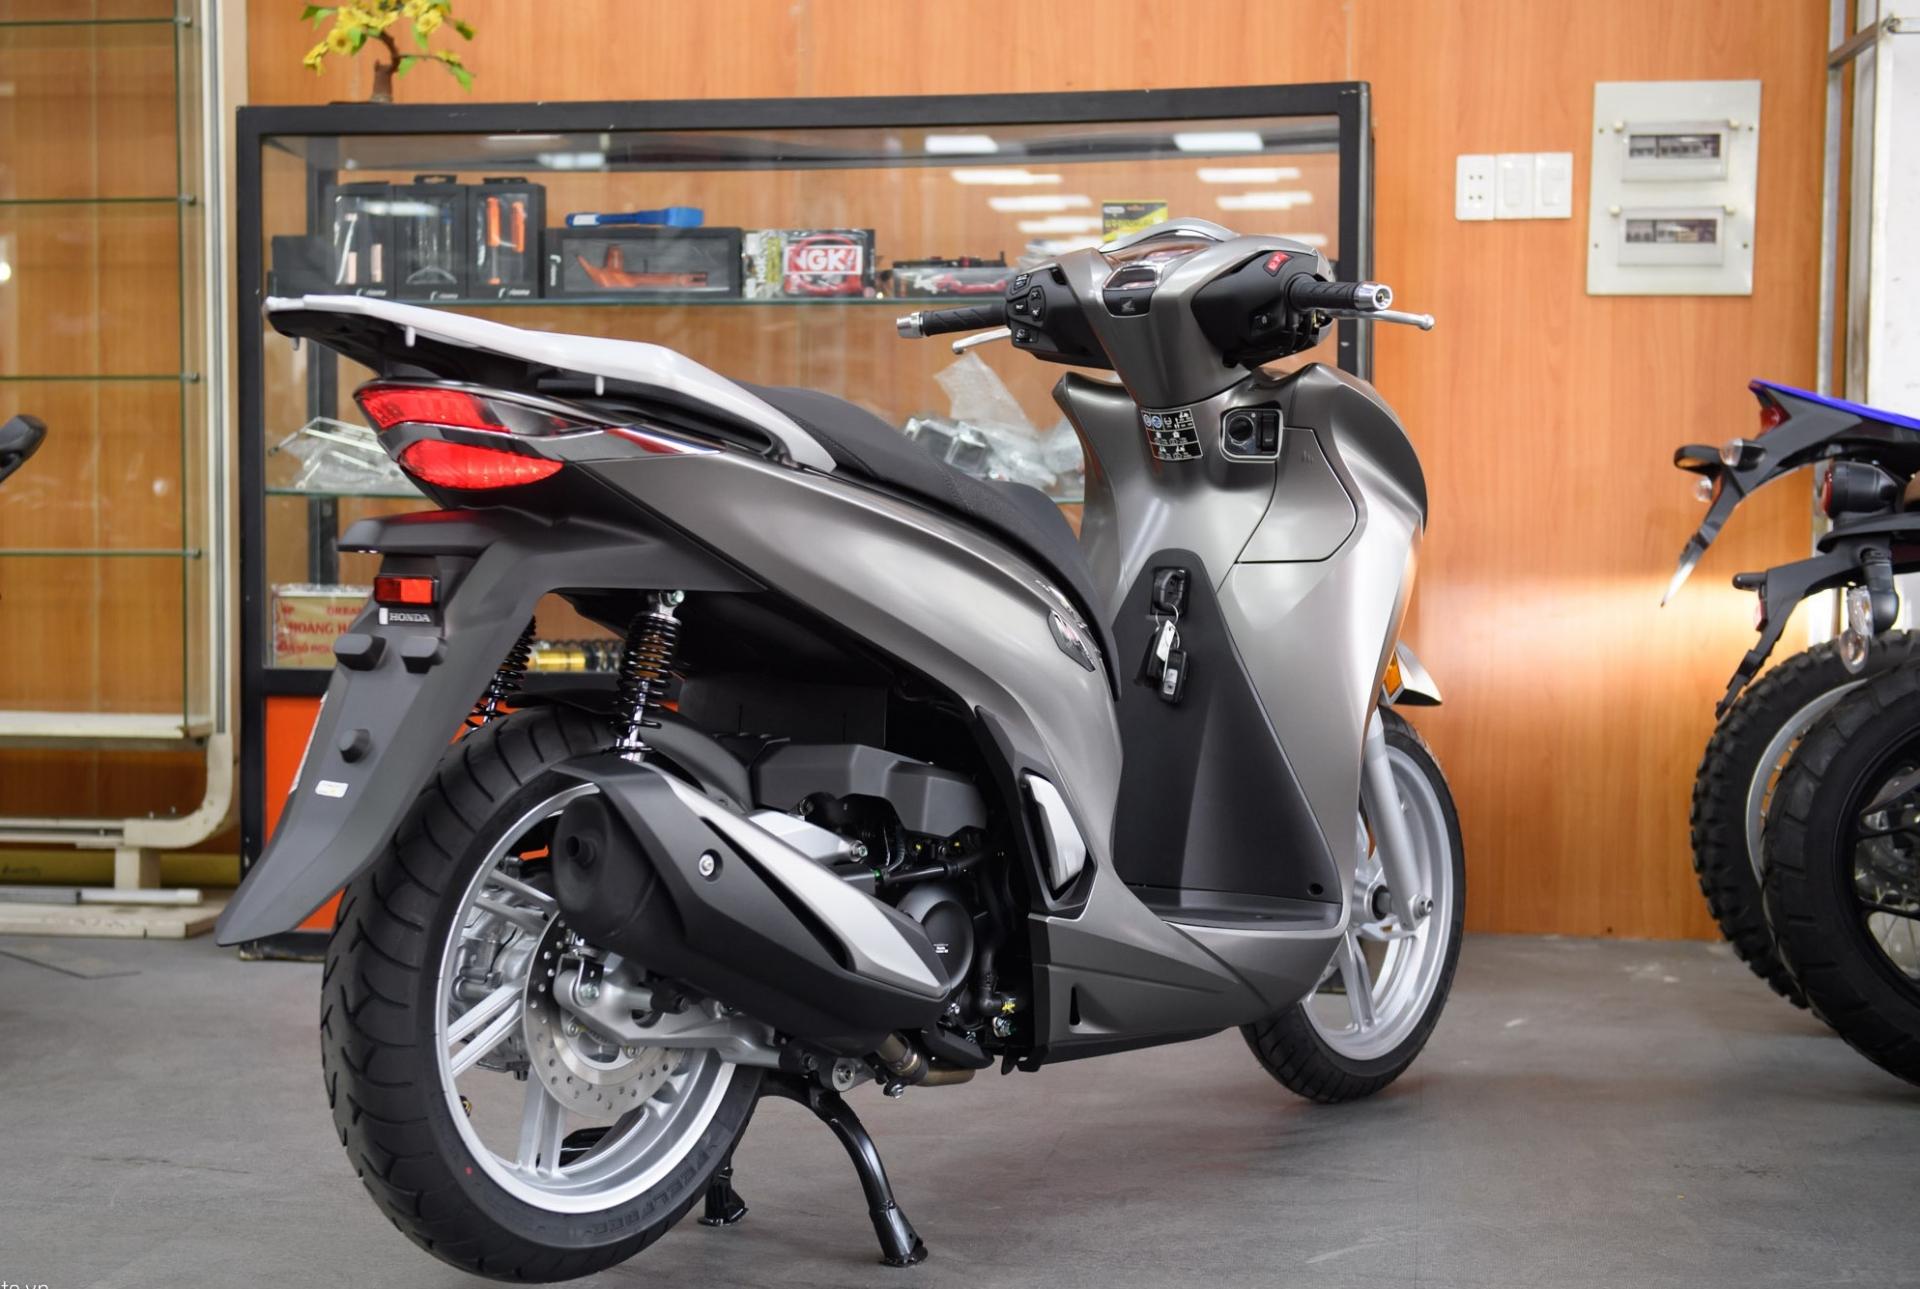 Mua Honda SH 350i: Cách phân biệt giữa xe nhập Ý và bản chính hãng Việt Nam 2